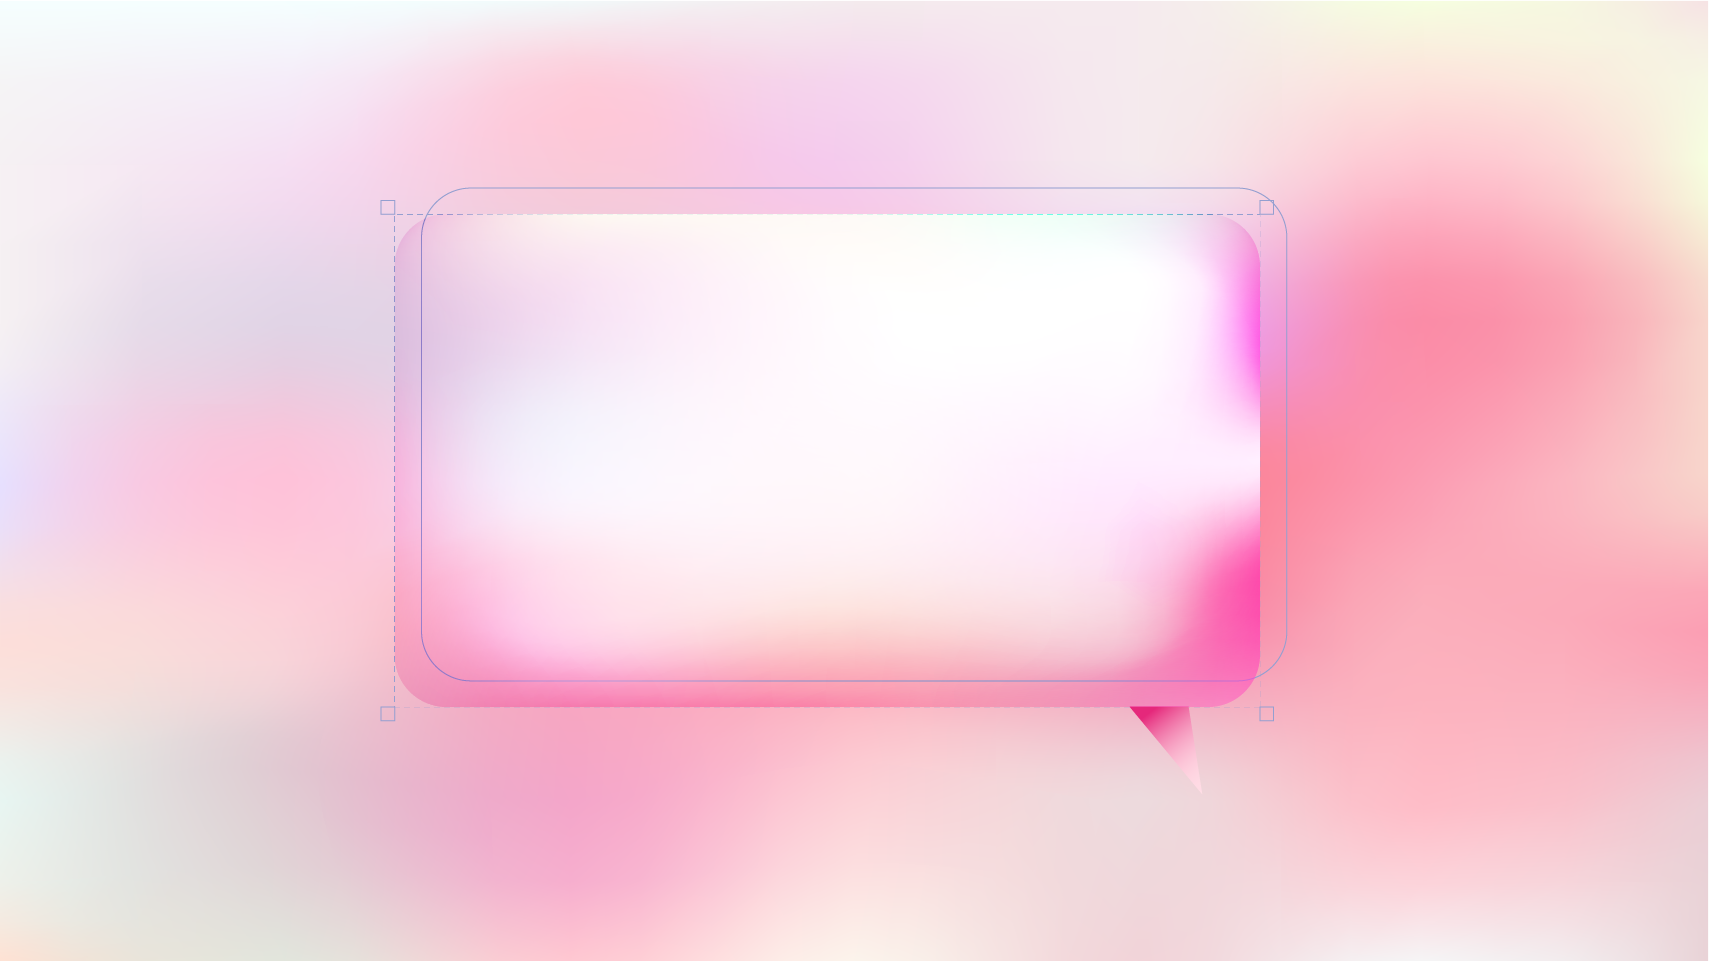 VUI_Inline_02.png